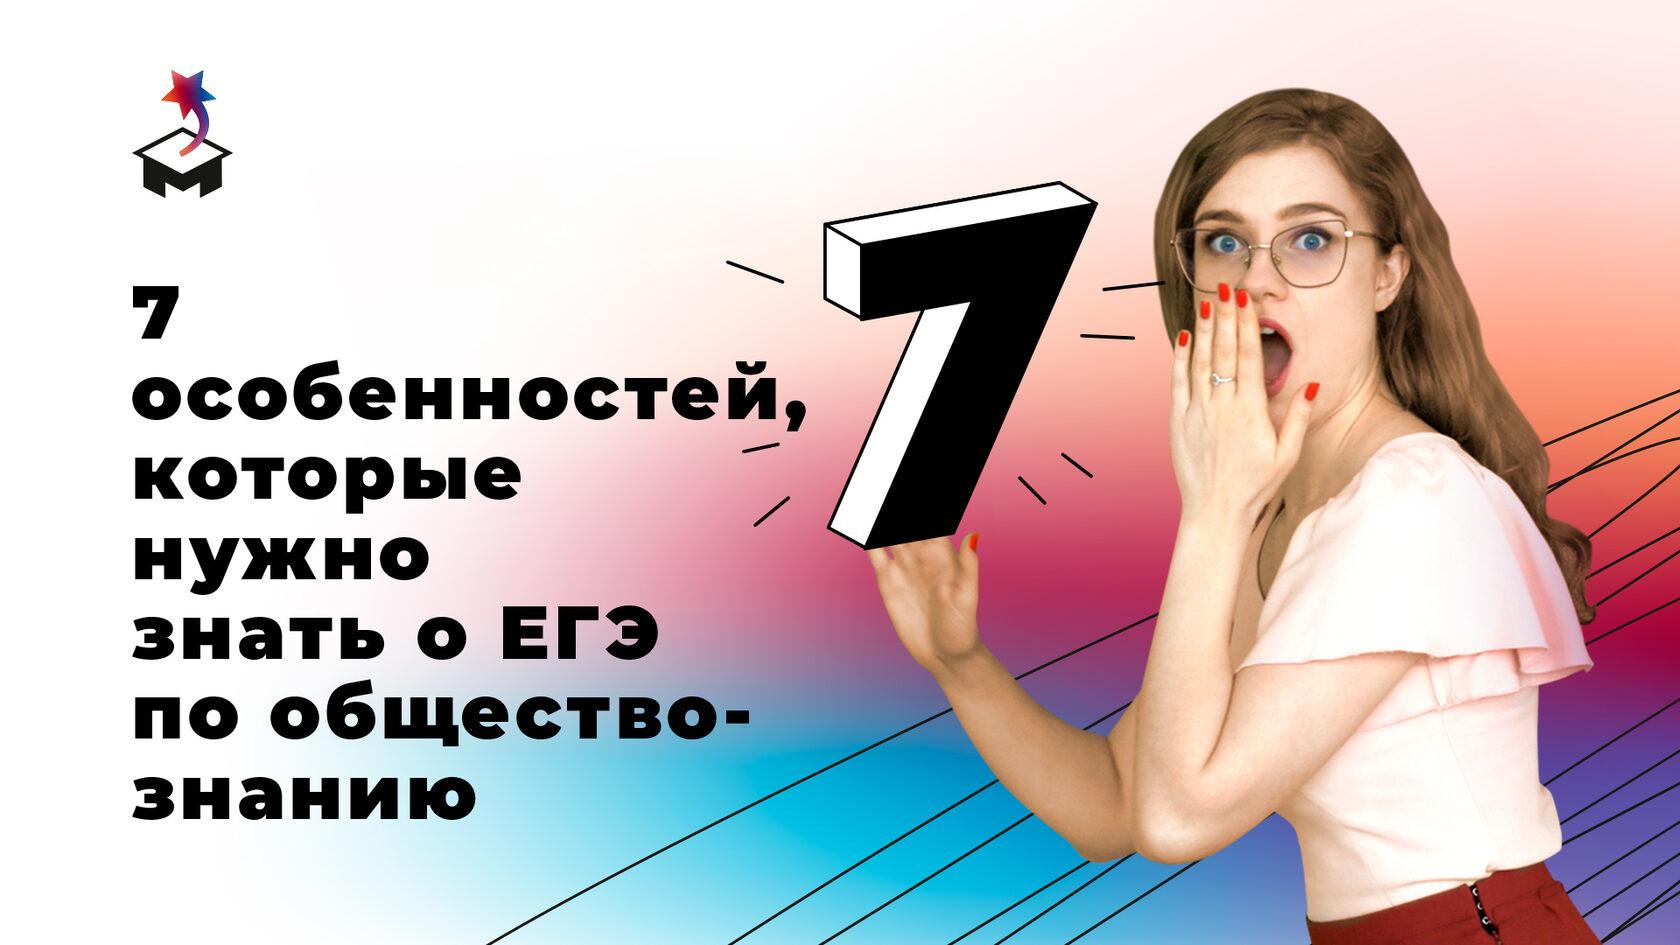 Анна Маркс и цифра семь